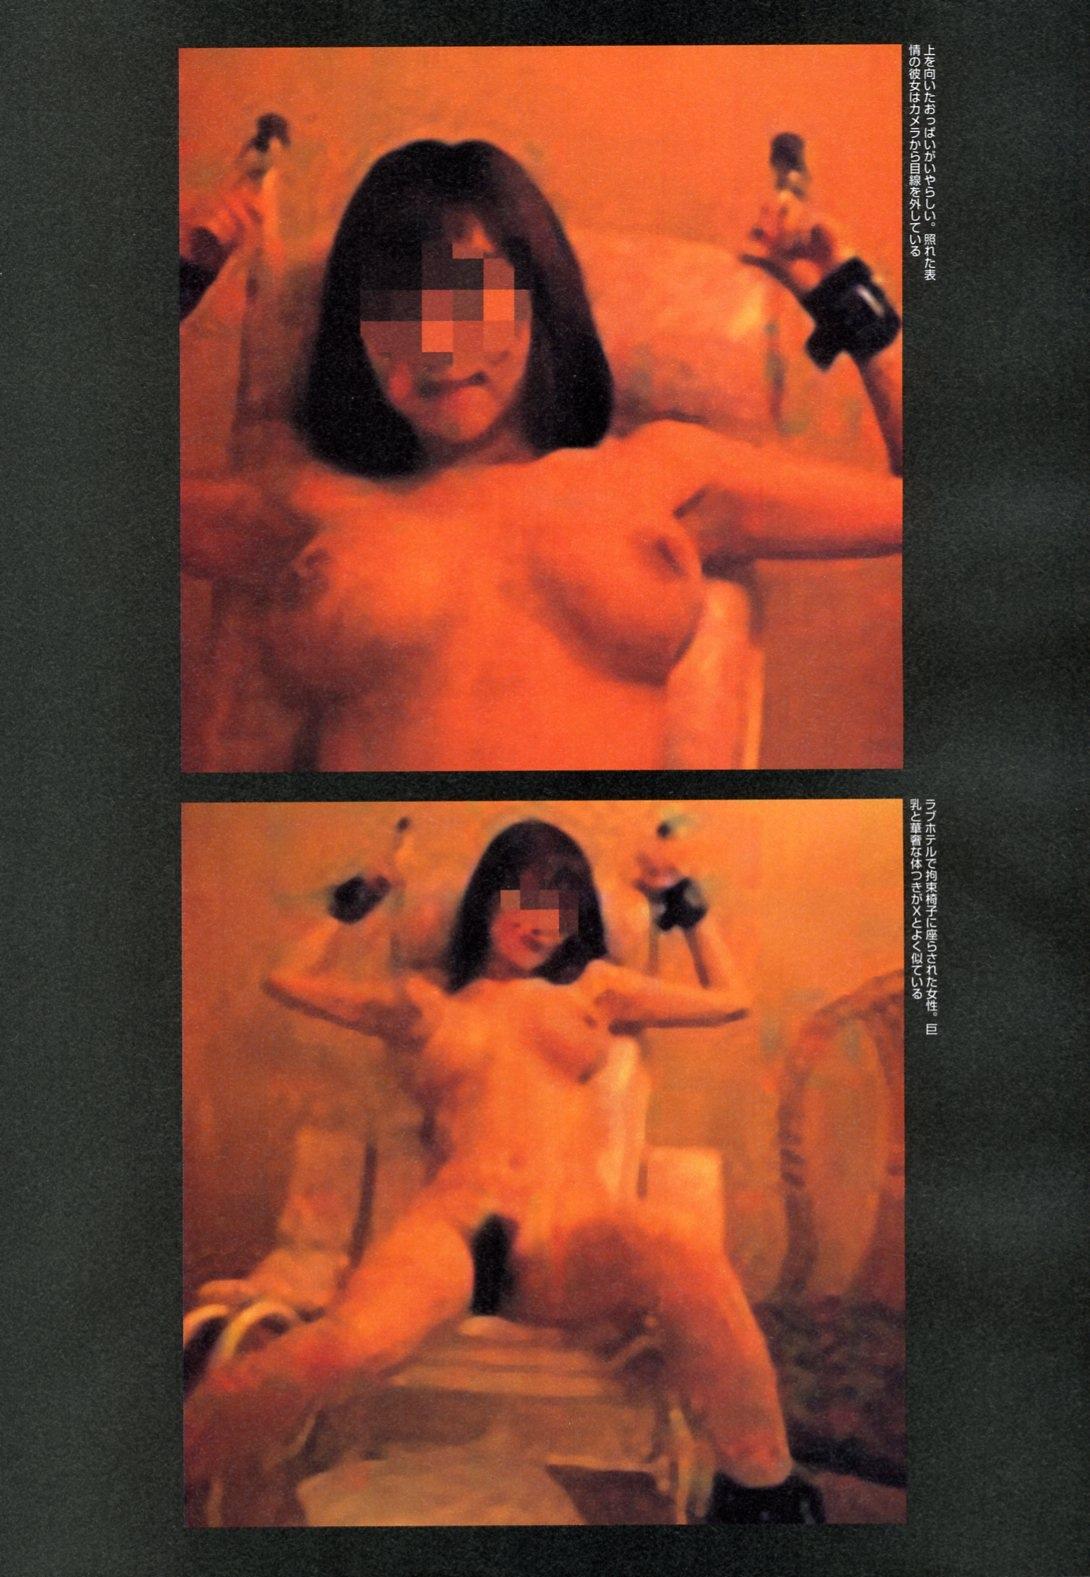 ラブホ全裸拘束プレイ写真が流出し干された童顔巨乳グラドルが今なお抜ける